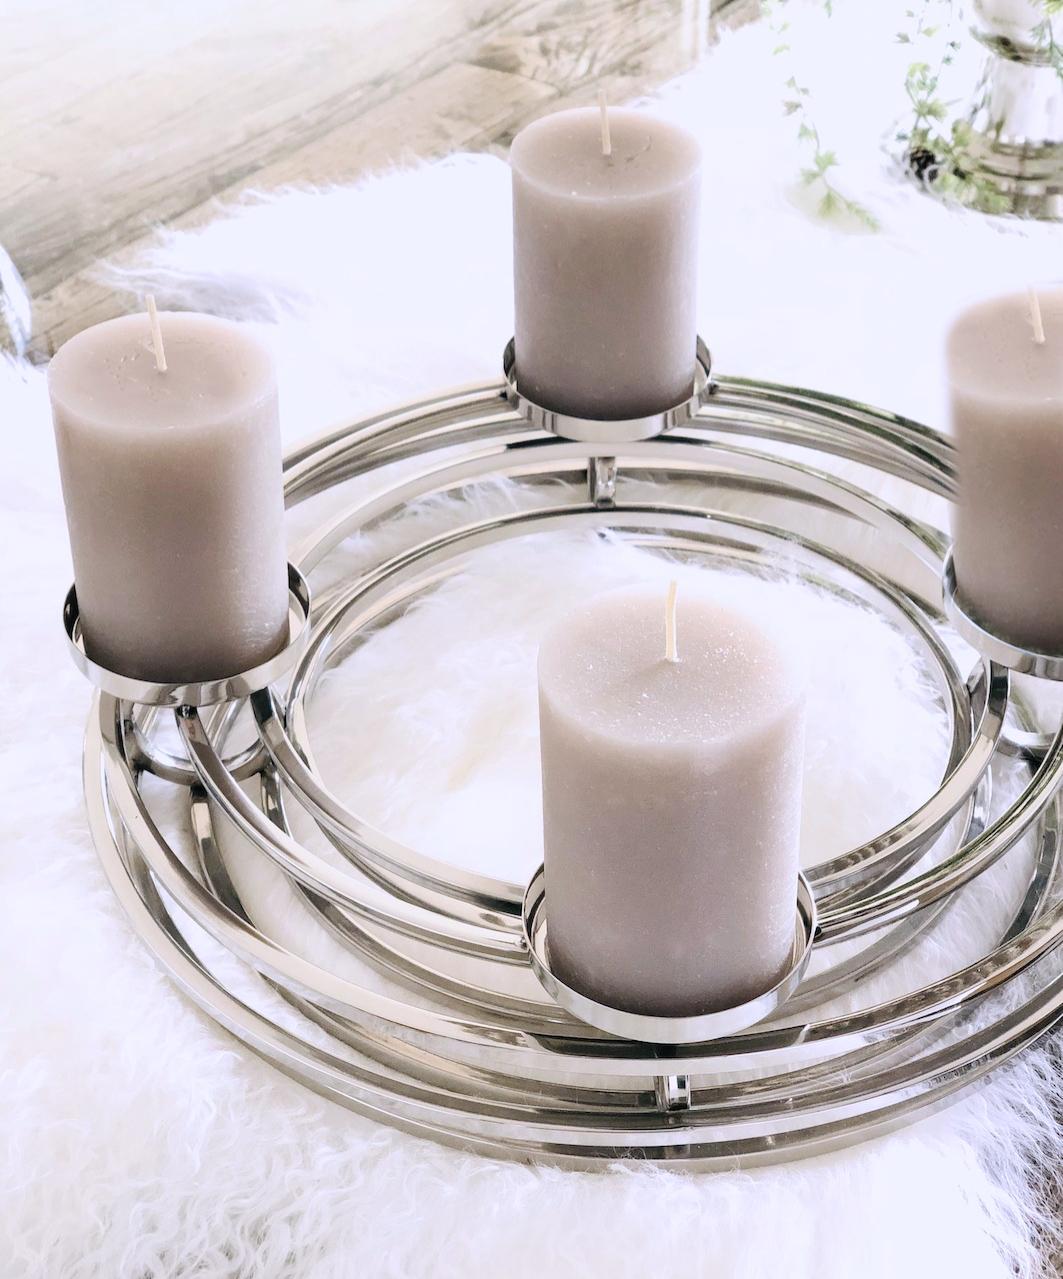 Kranz Kerzenhalter Adventskranz Silber Modern Ventura Fur 4 Kerzen